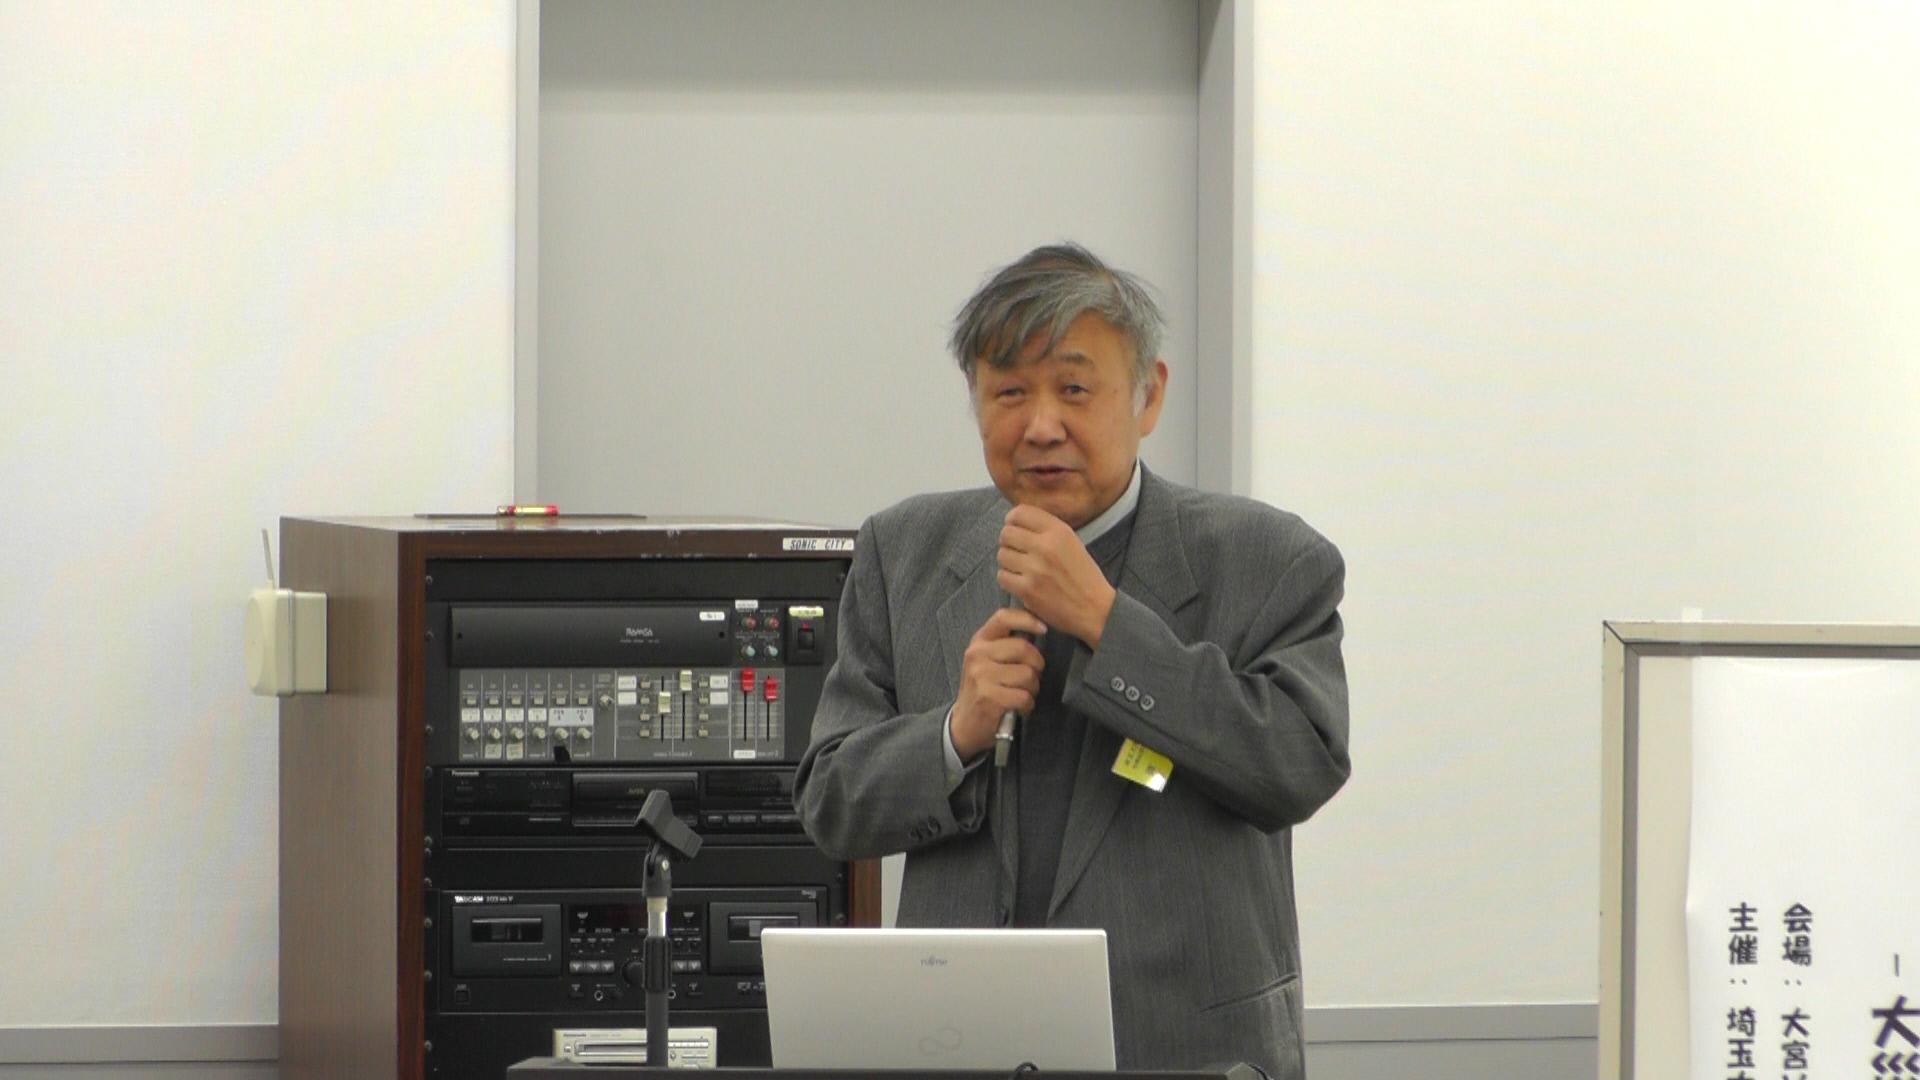 埼玉大学地圏科学研究センター教授  渡邉邦夫